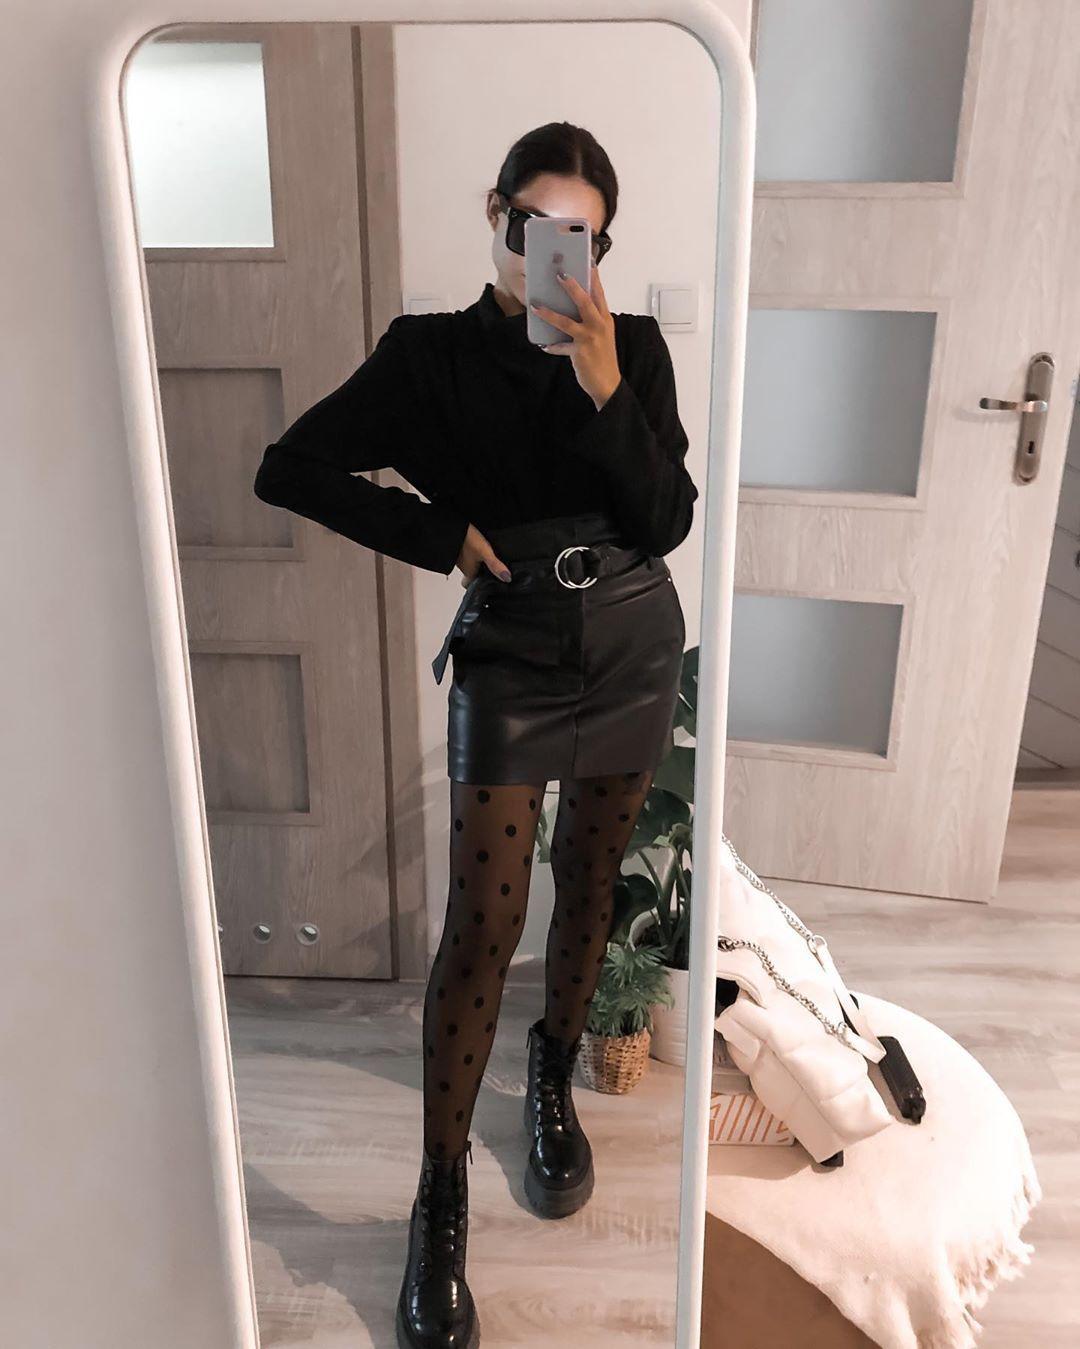 """Magdalena Kokocińska on Instagram: """"Today style🖤#ootd #outfit #black #dots #skirt #blackshirt #shirt #bershka #zara #boots #polishgirl #polskadziewczyna #warszawa #style…"""""""